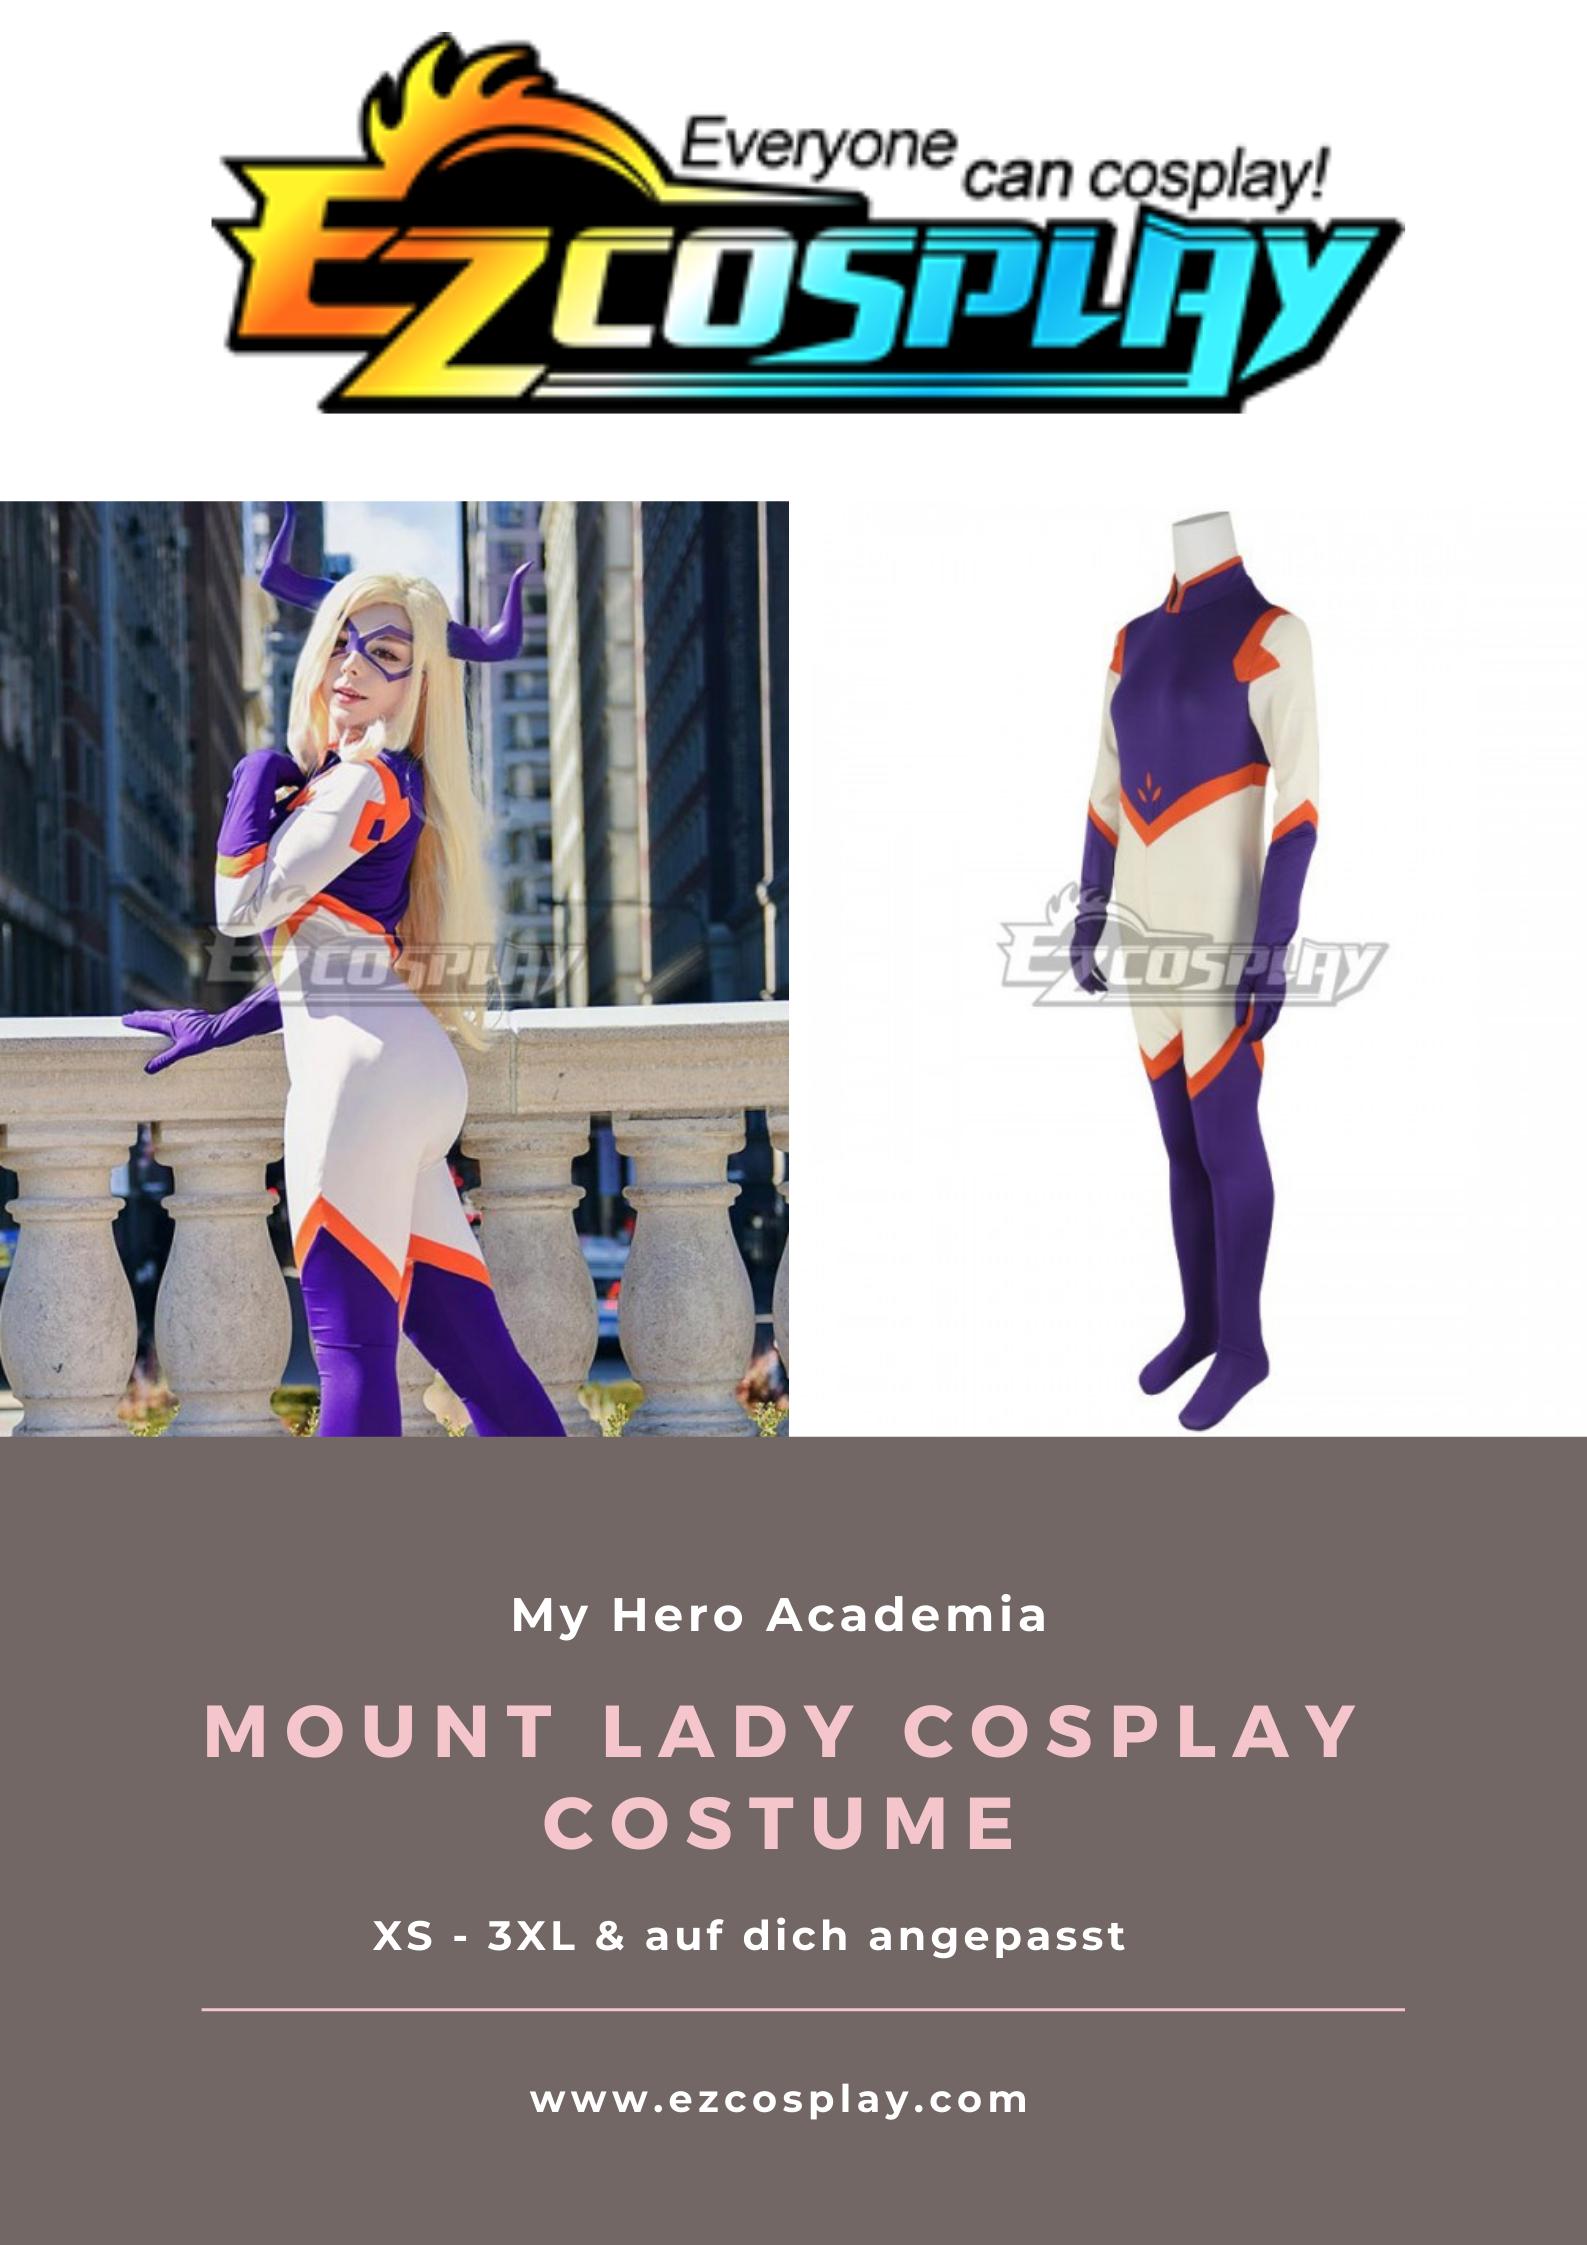 my hero academia mount lady cosplay costume